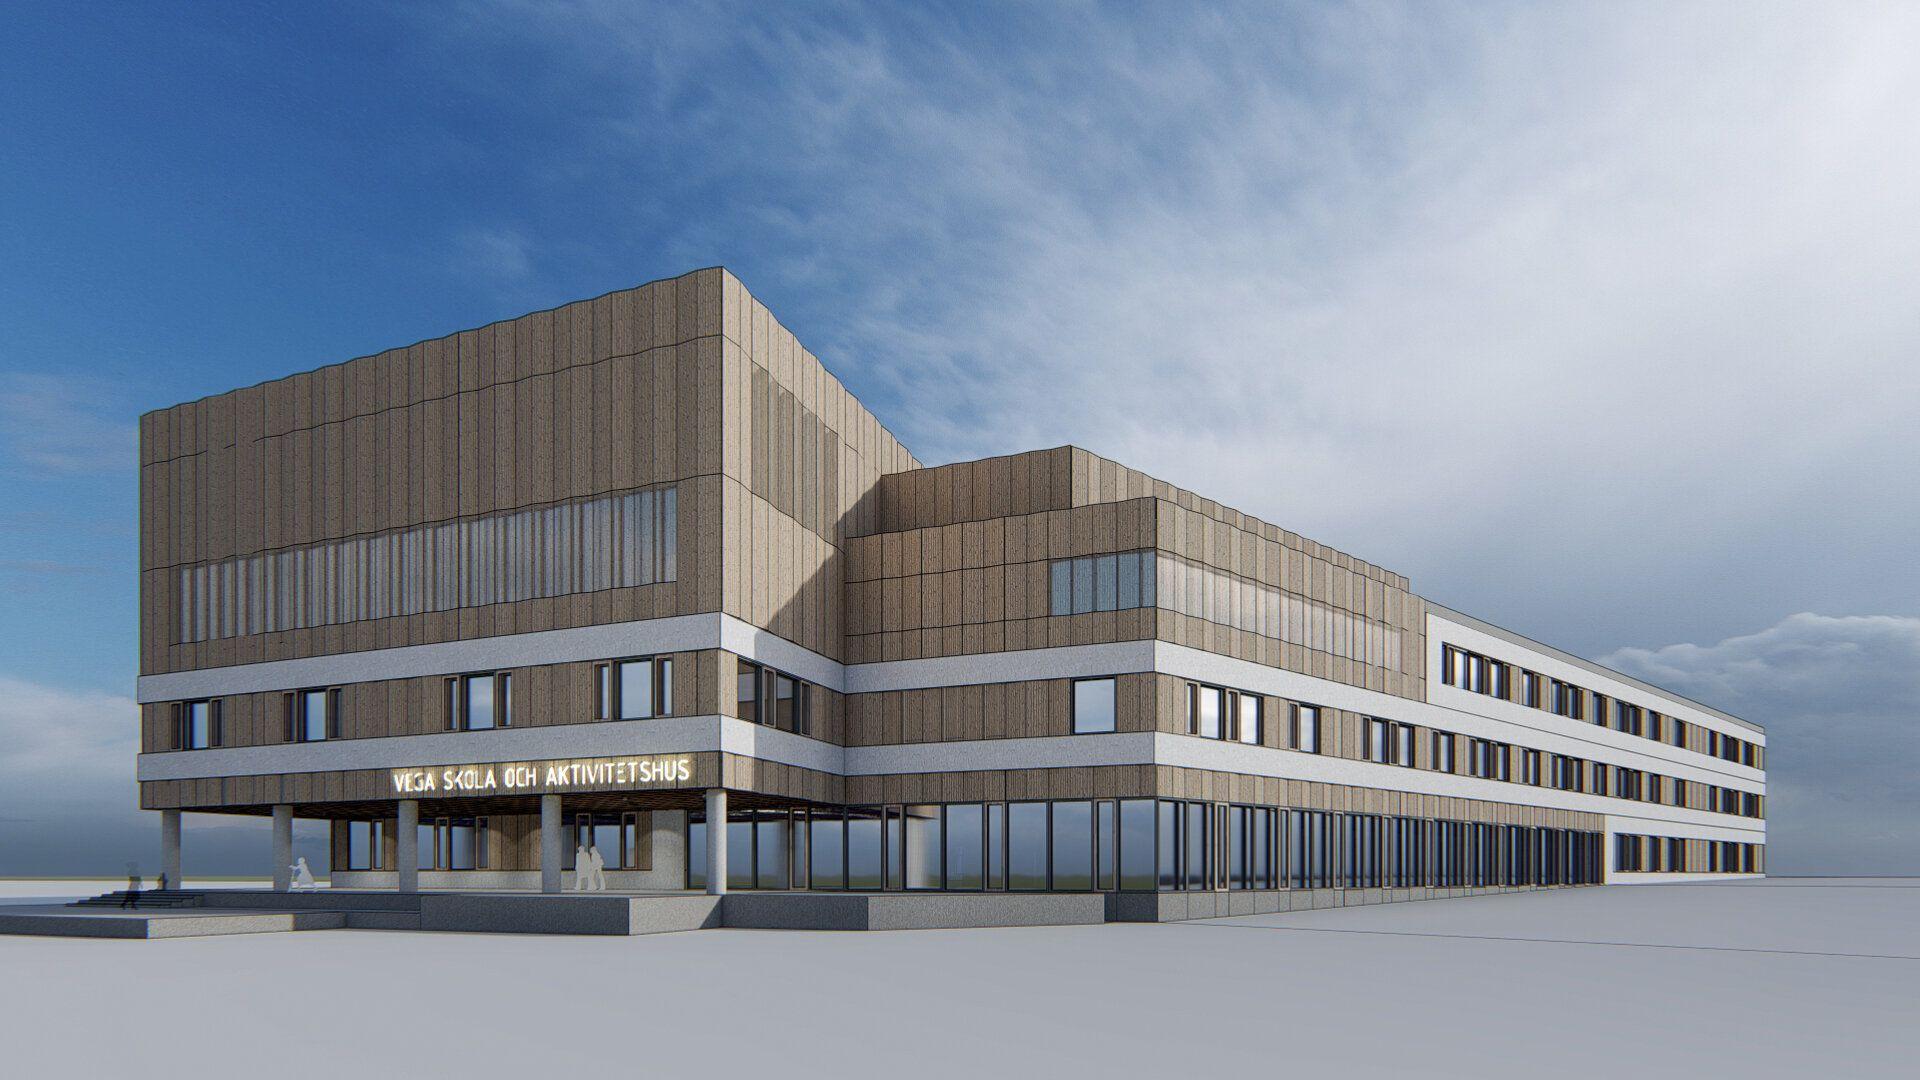 Nybyggnation av skola och aktivitetshus i Vegastan där N20 genomfört projektering av el- och telesystem